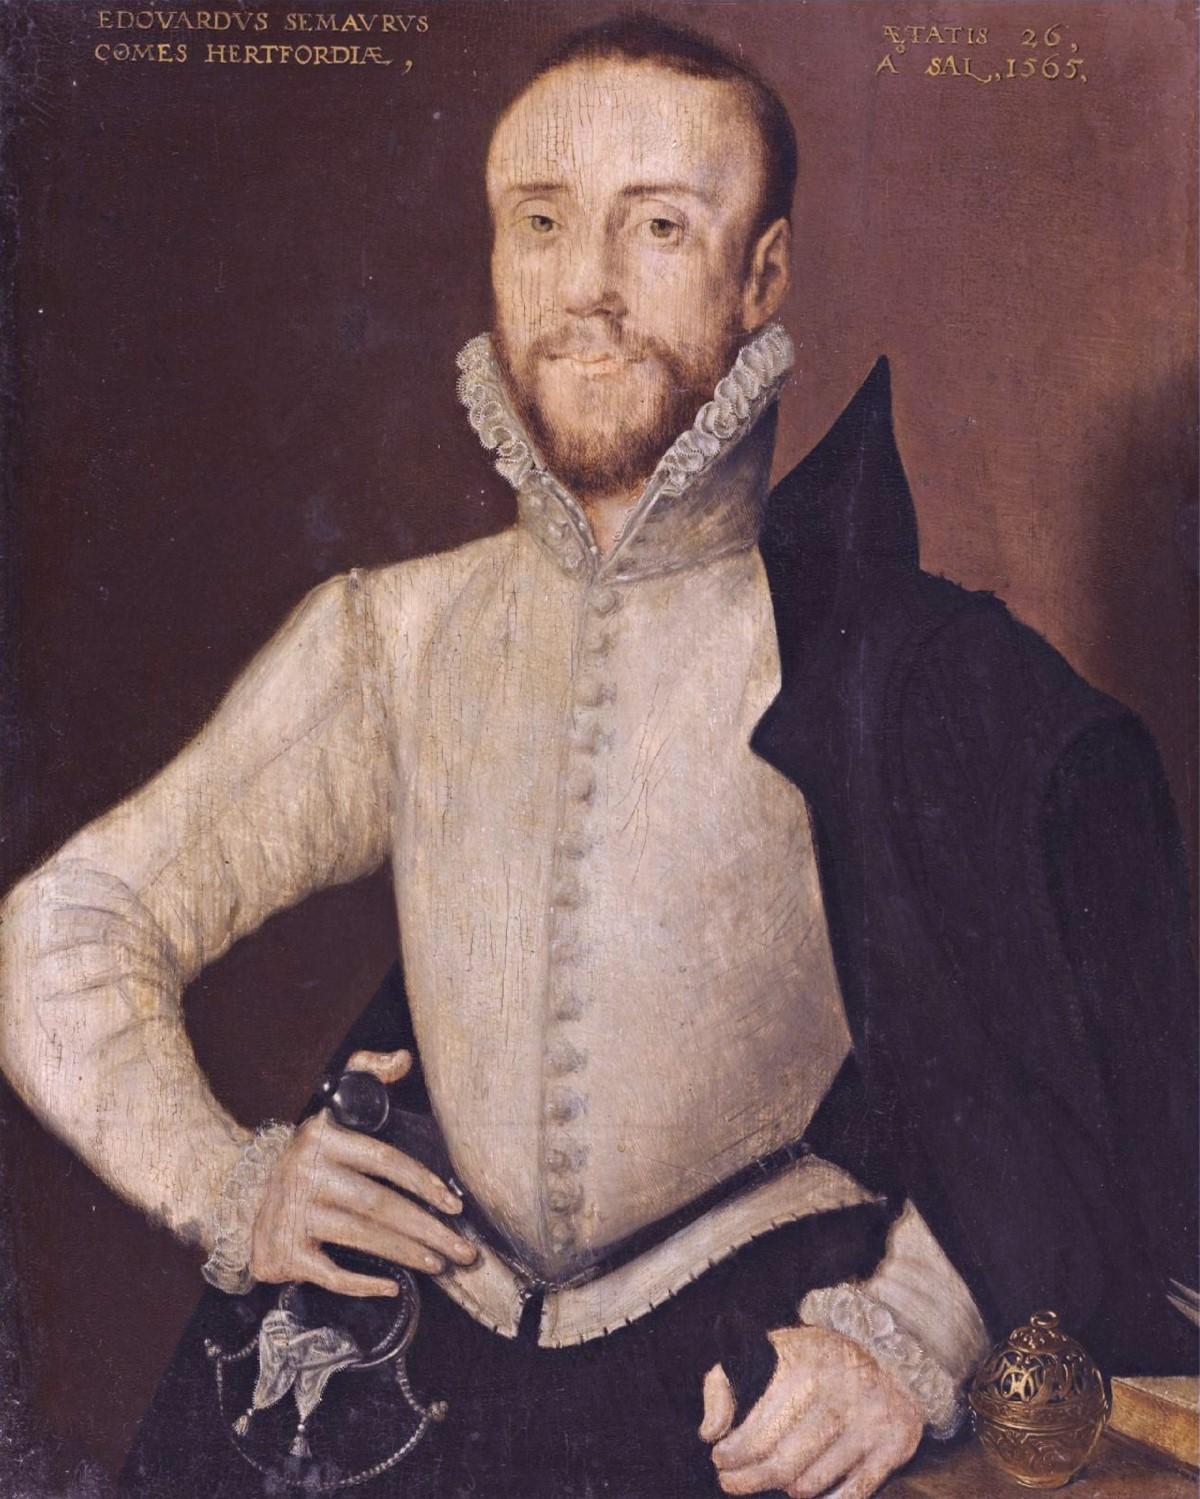 Edward-Seymour-Earl-of-Hertford-1539-–-1621-attr-Hans-Eworth